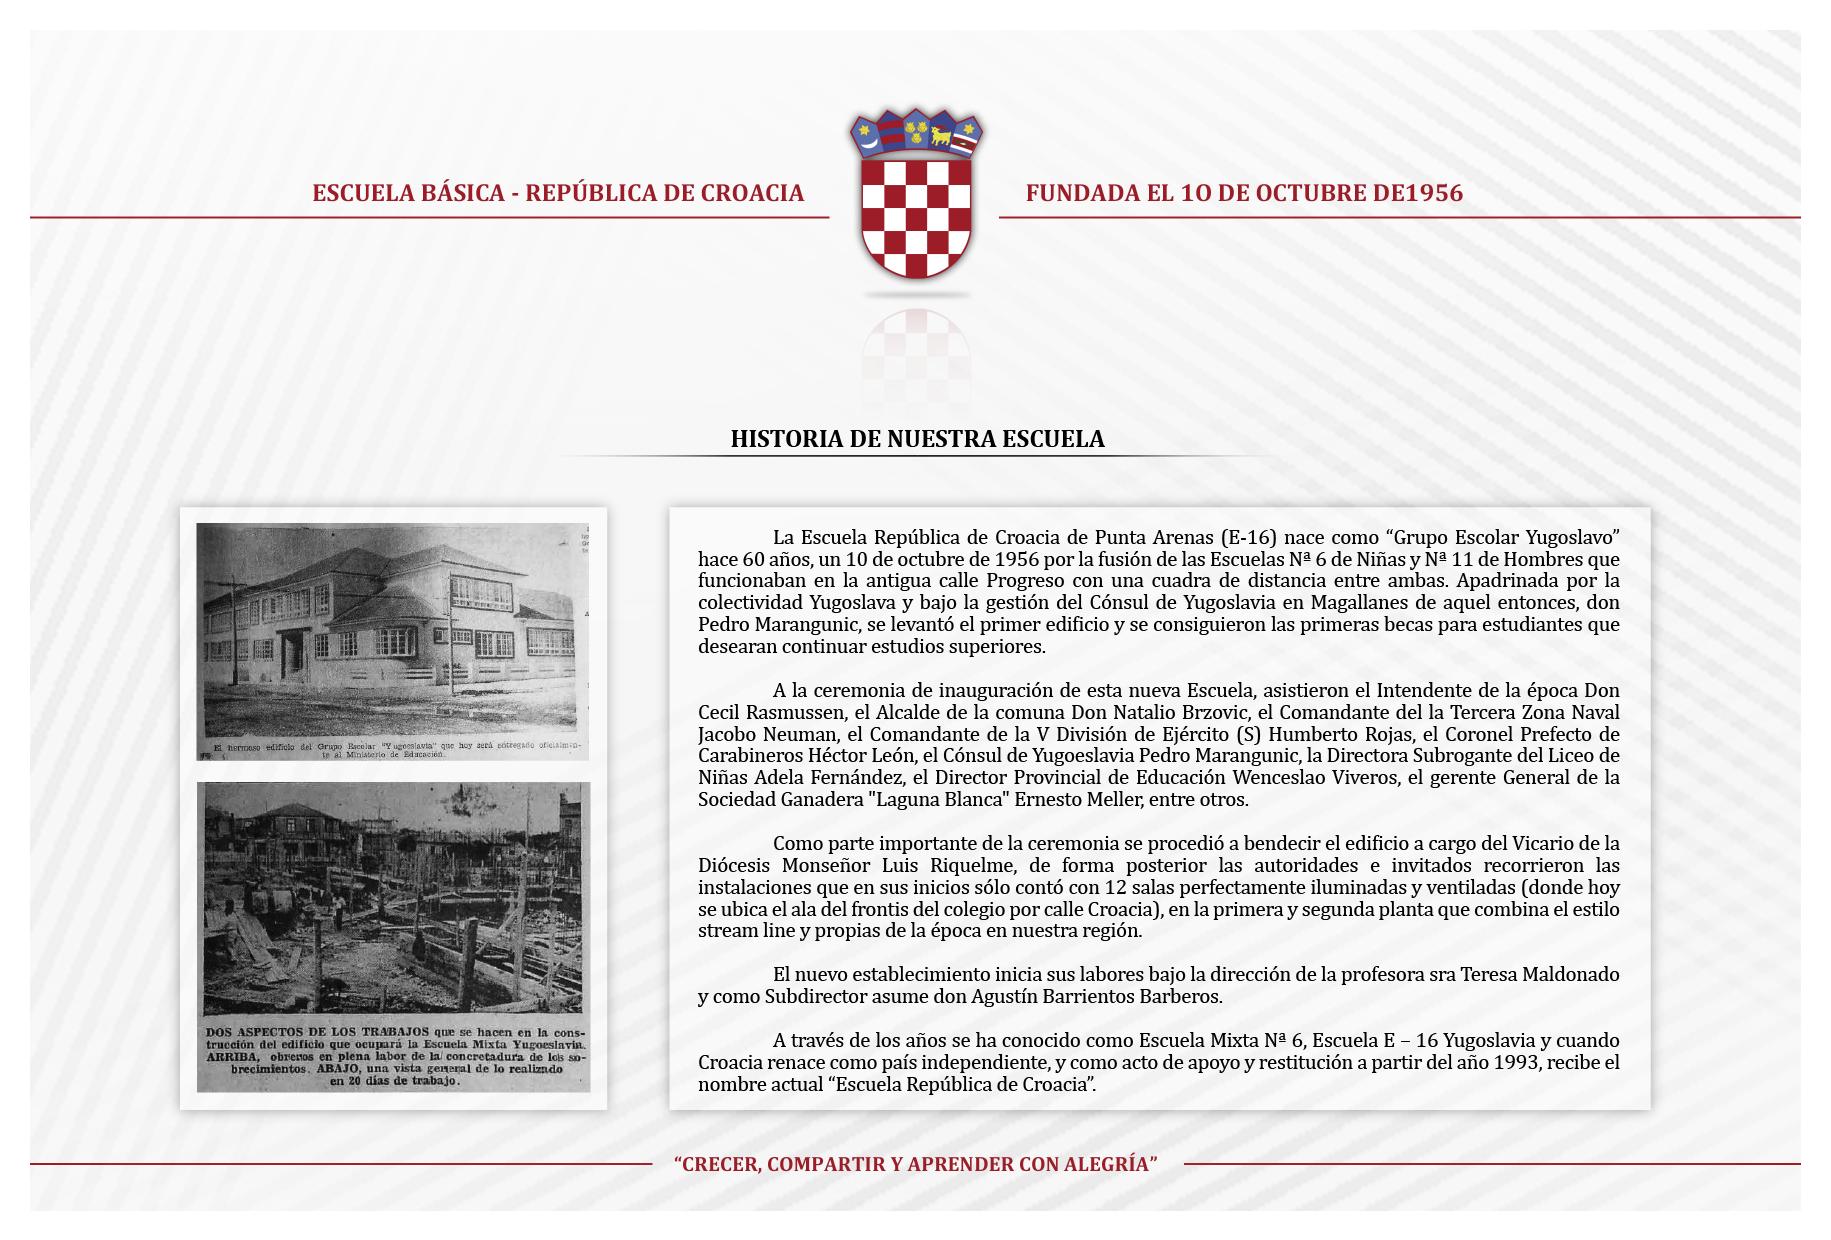 FONDO_HISTORIA-02